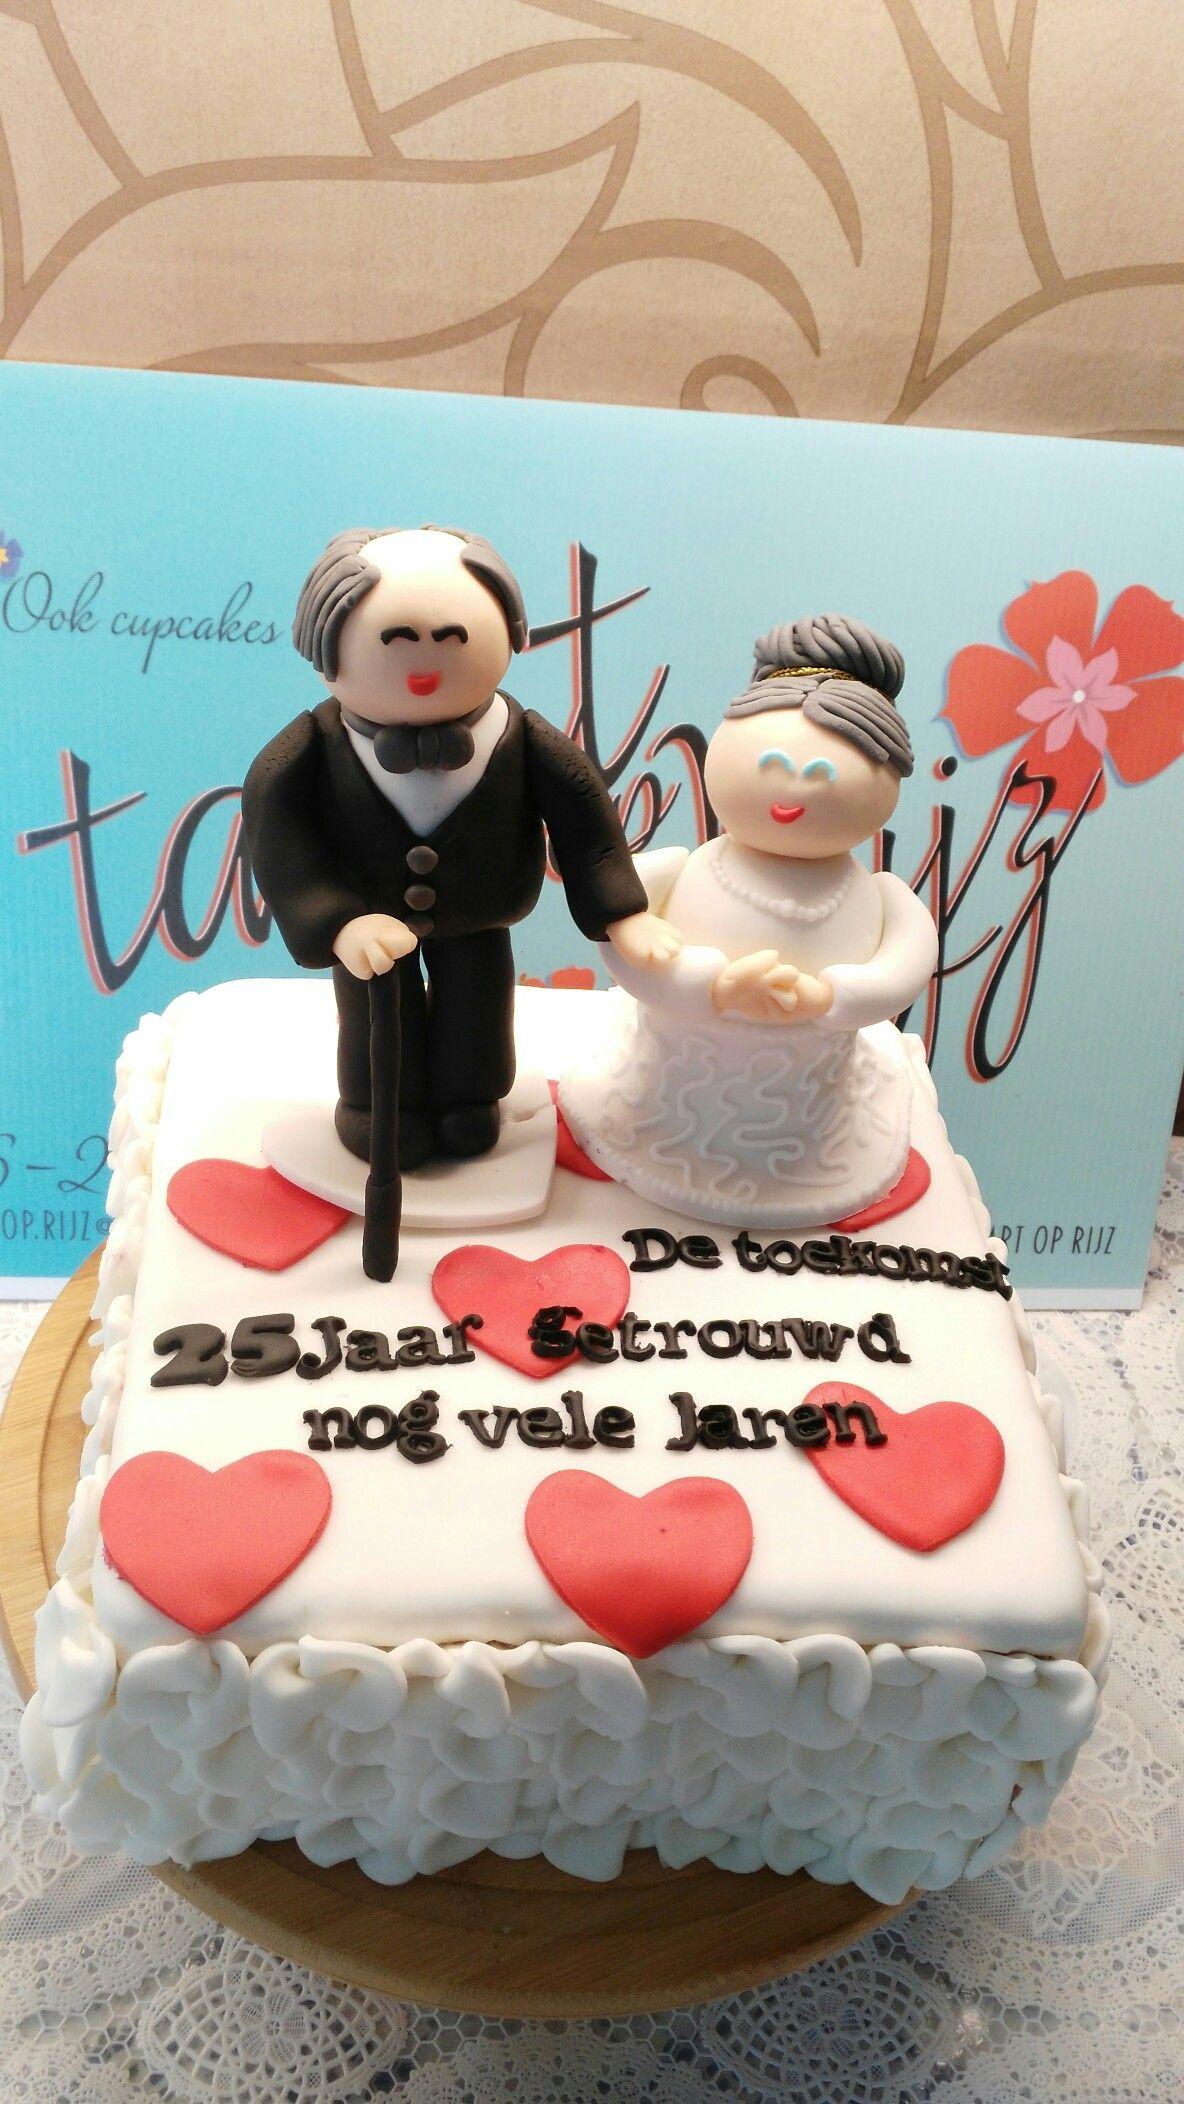 Goede 25 jaar getrouwd. Foto uit de toekomst. (met afbeeldingen) | Taart WM-17